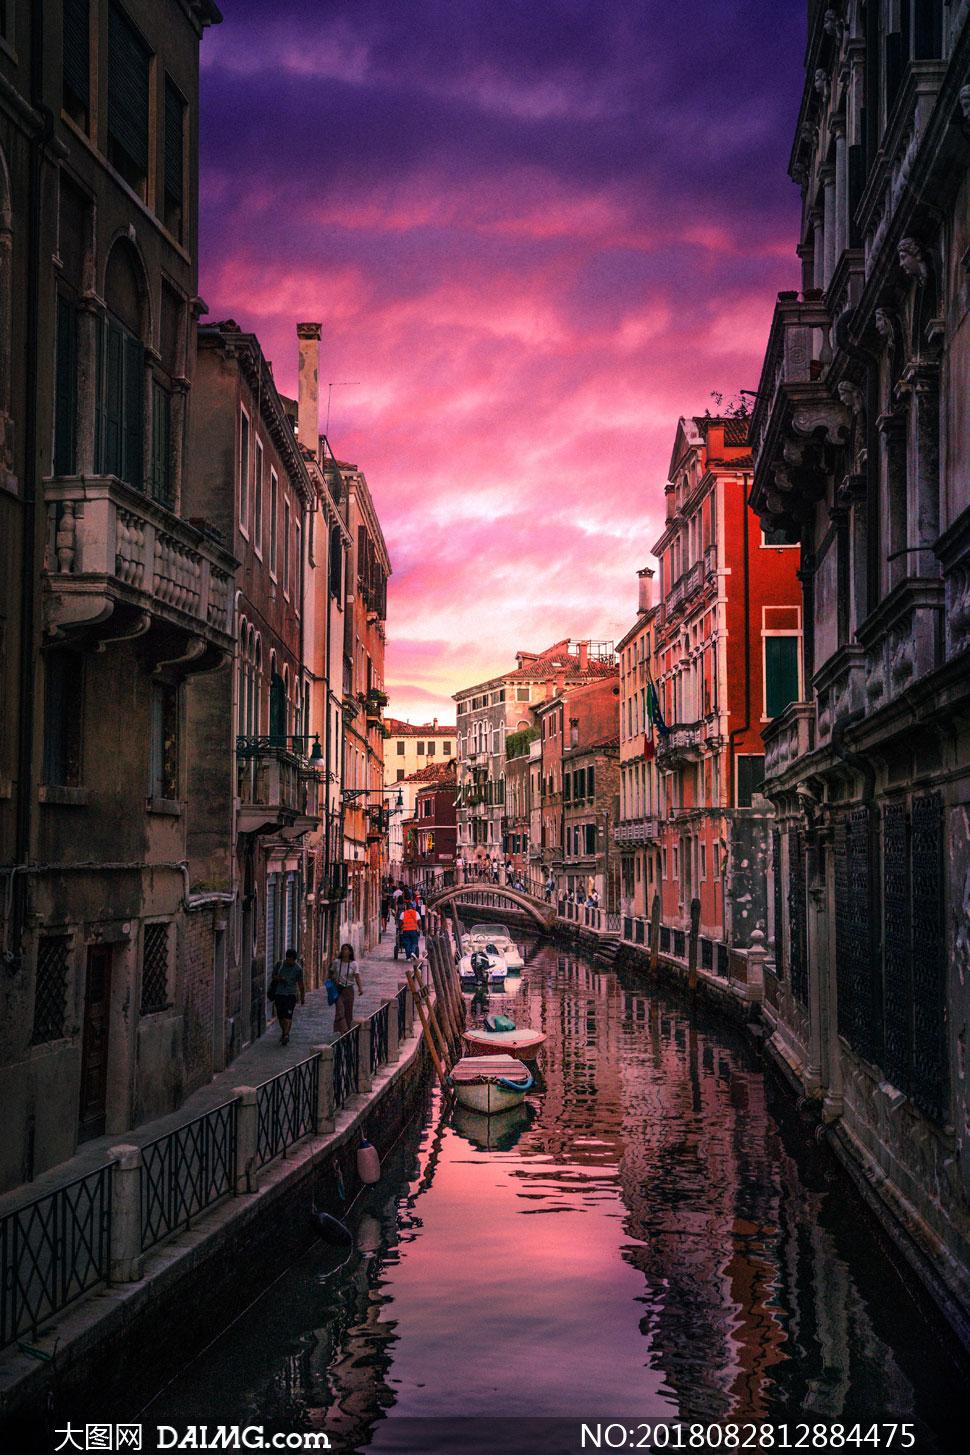 水城威尼斯的街巷风光摄影高清图片